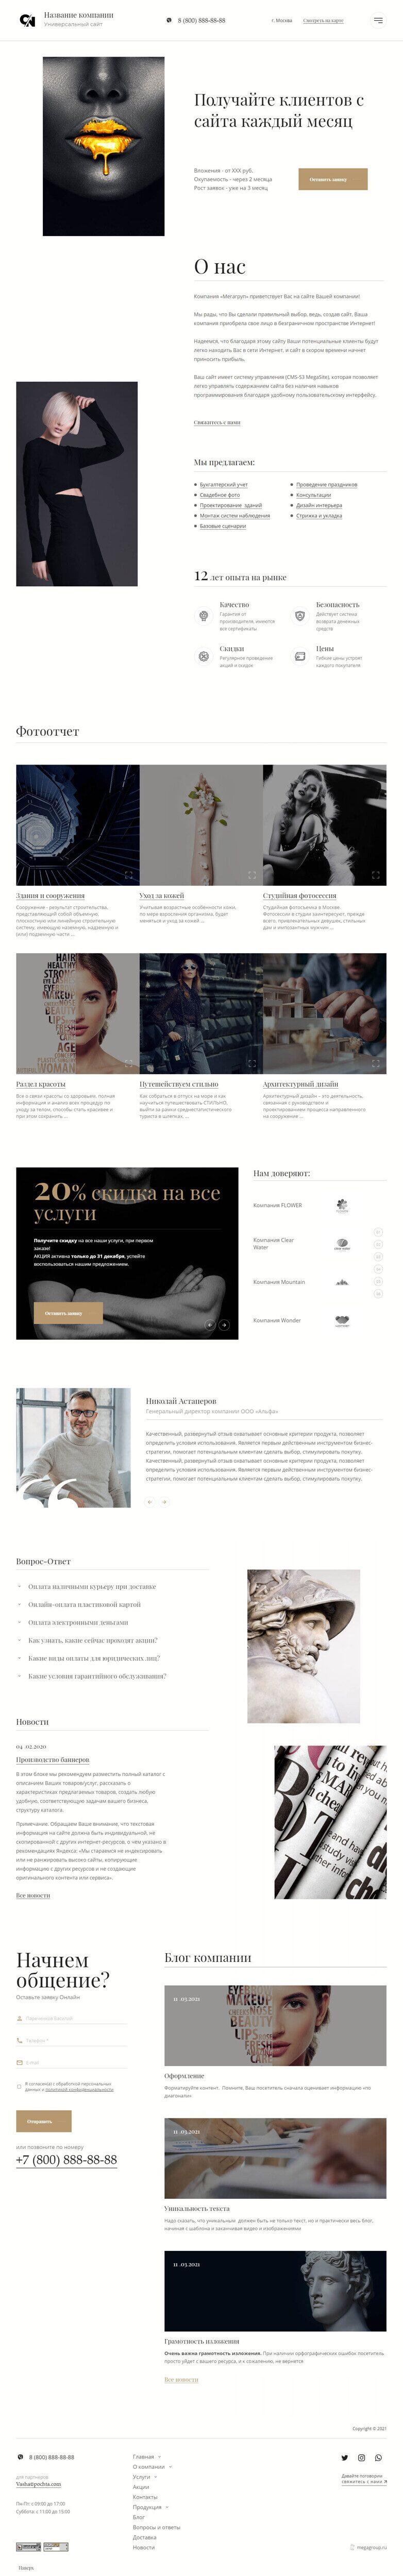 Готовый Сайт-Бизнес #2990750 - Универсальный дизайн (Главная страница)